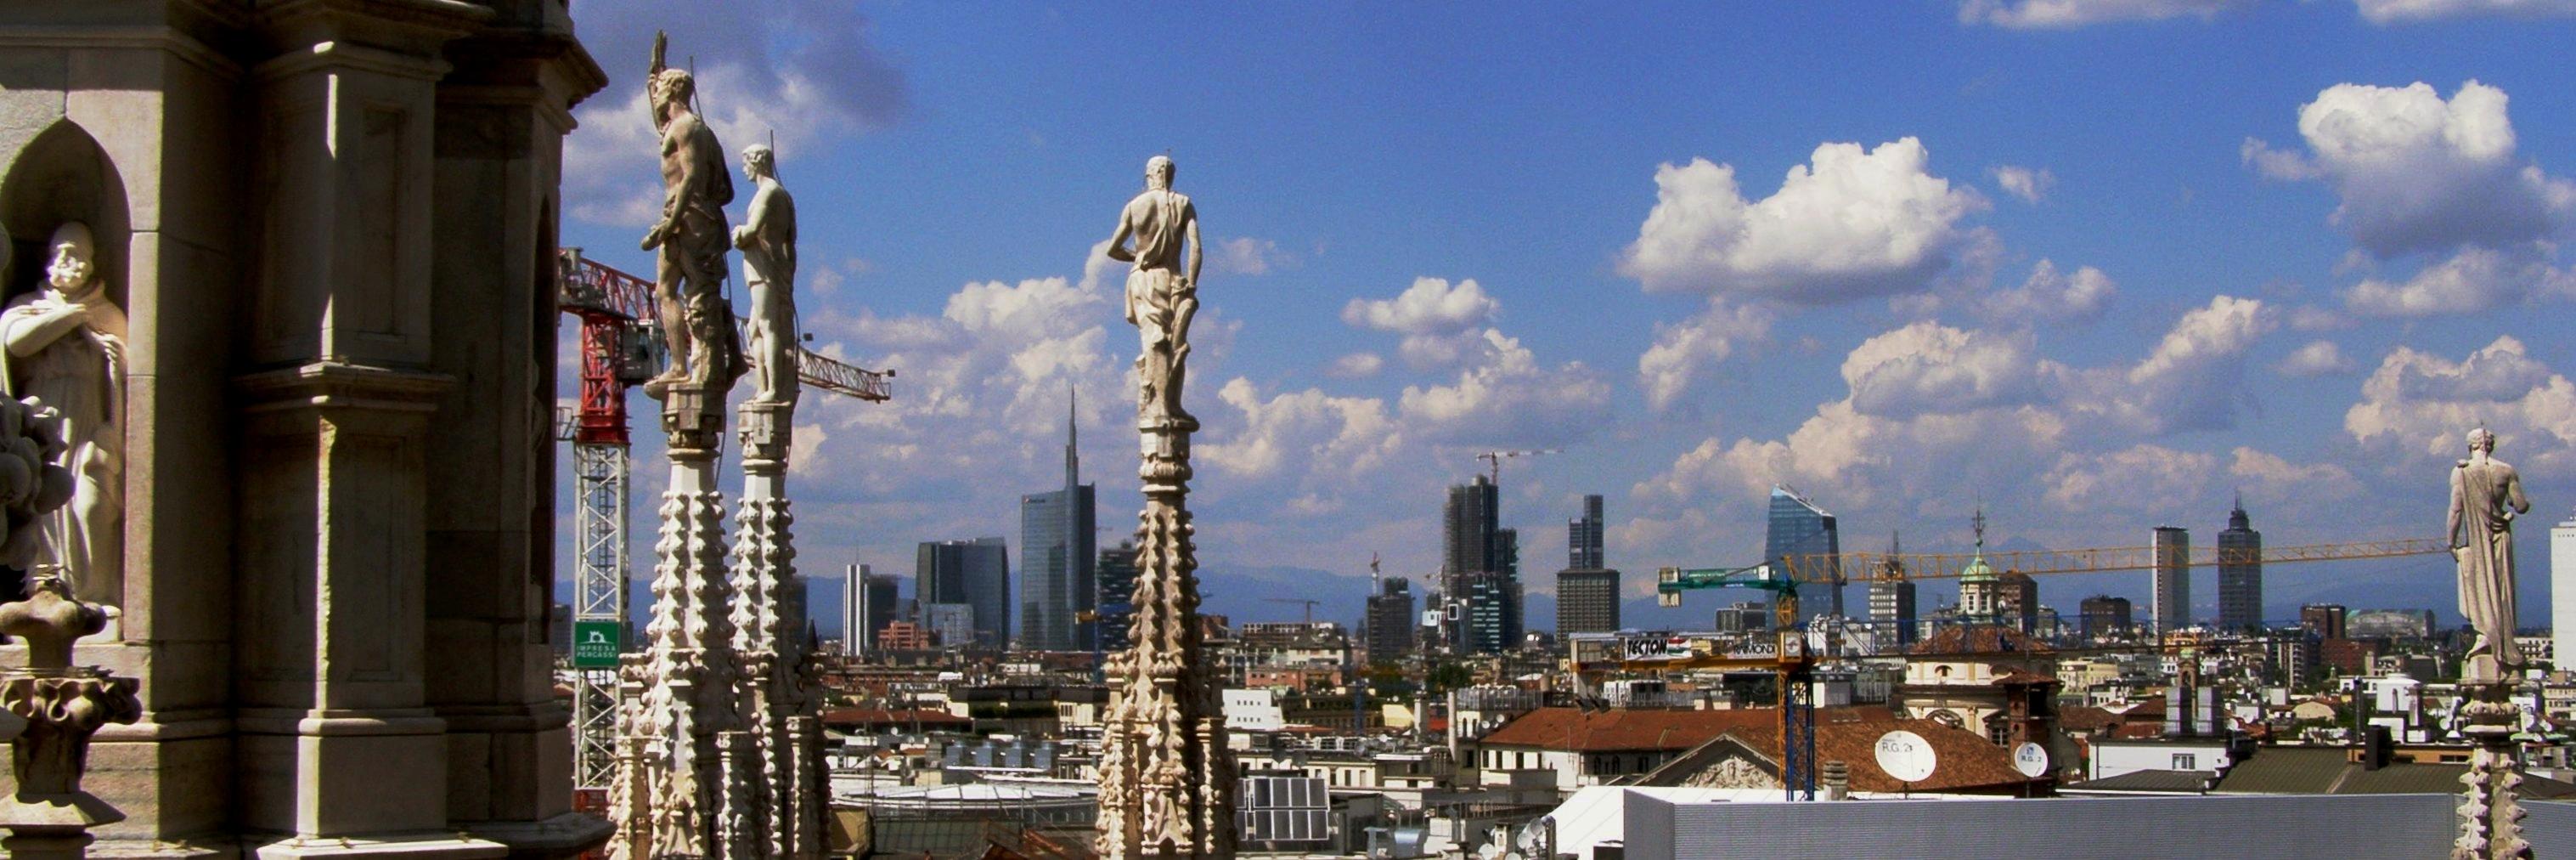 """Cambiamo verso sulle droghe. Adesso! Ecco la """"Carta di Milano 2015"""""""